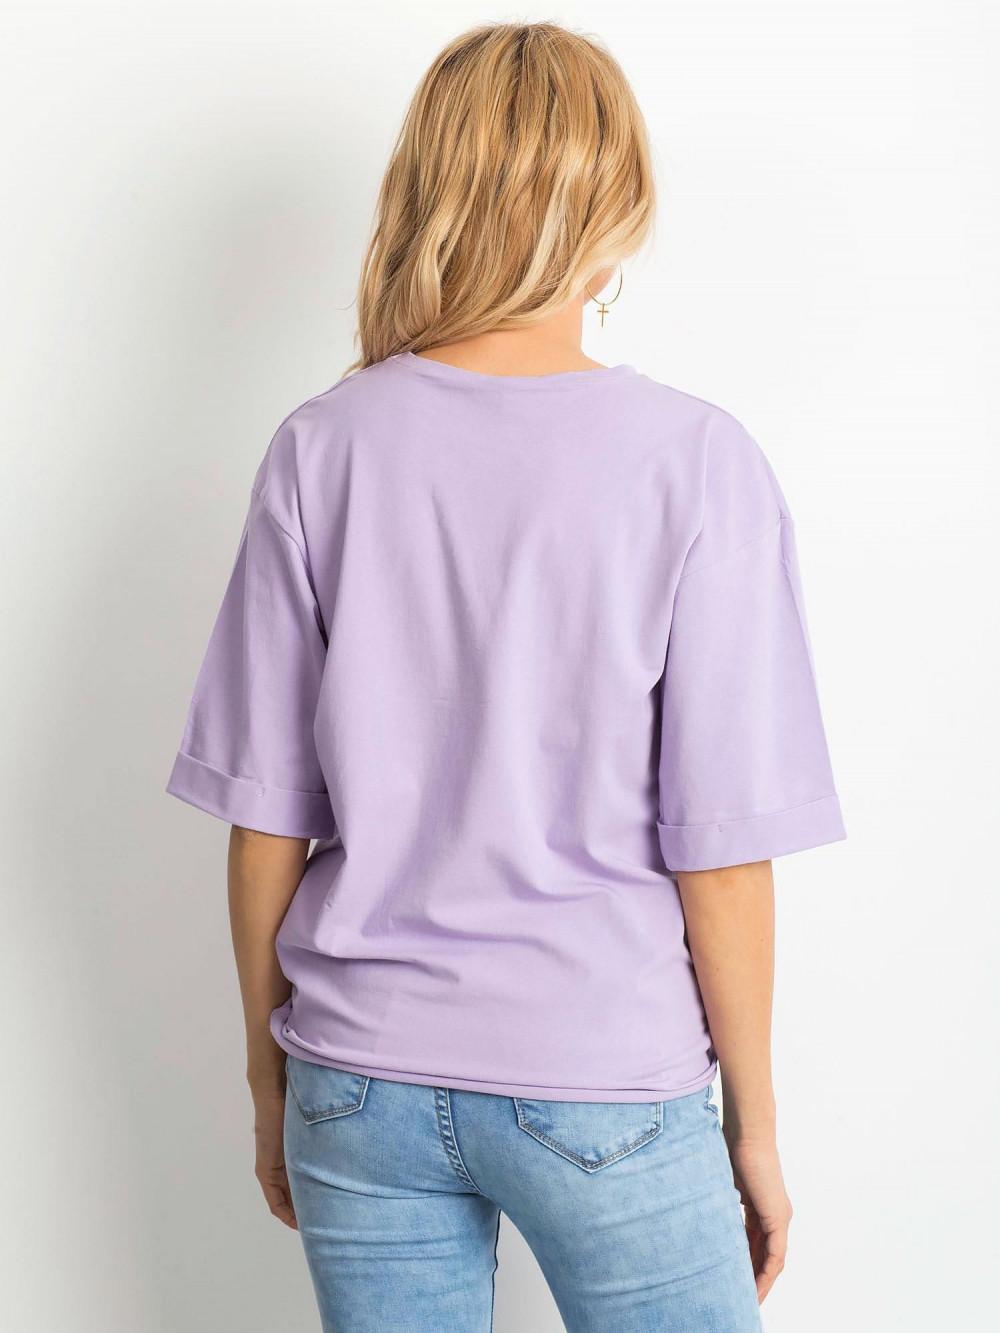 Jasnofioletowy oversizeowy t-shirt Gimmie 4